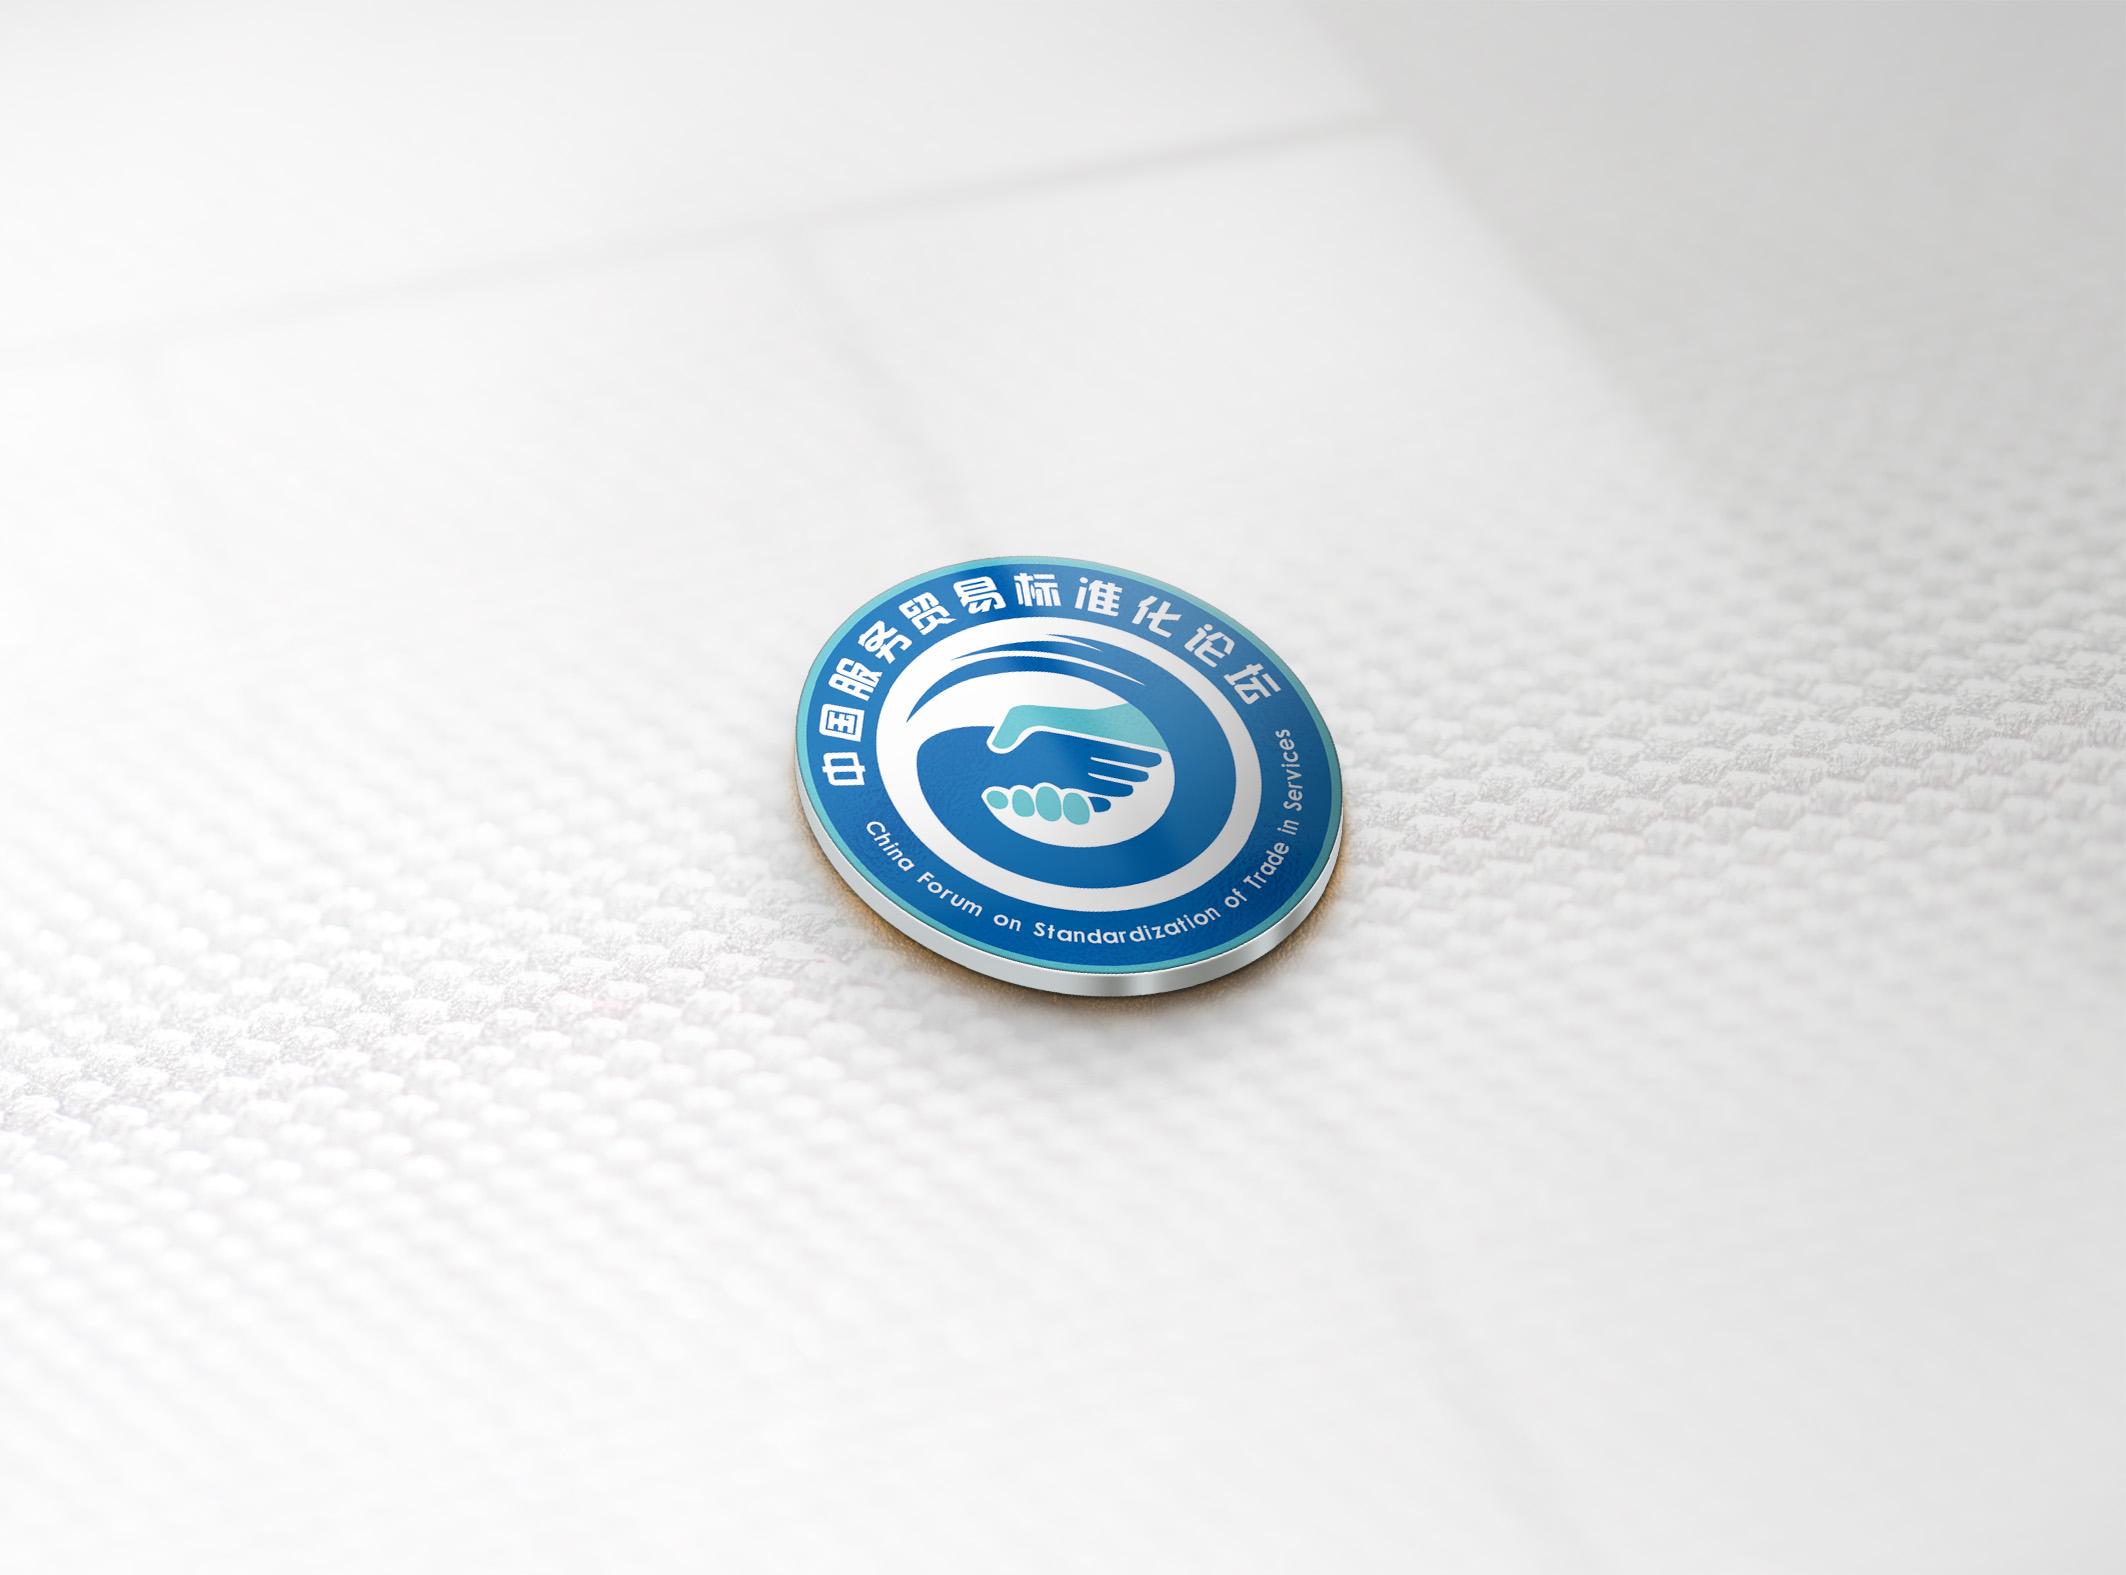 中国服务贸易标准化论坛logo征集方案_3038245_k68威客网